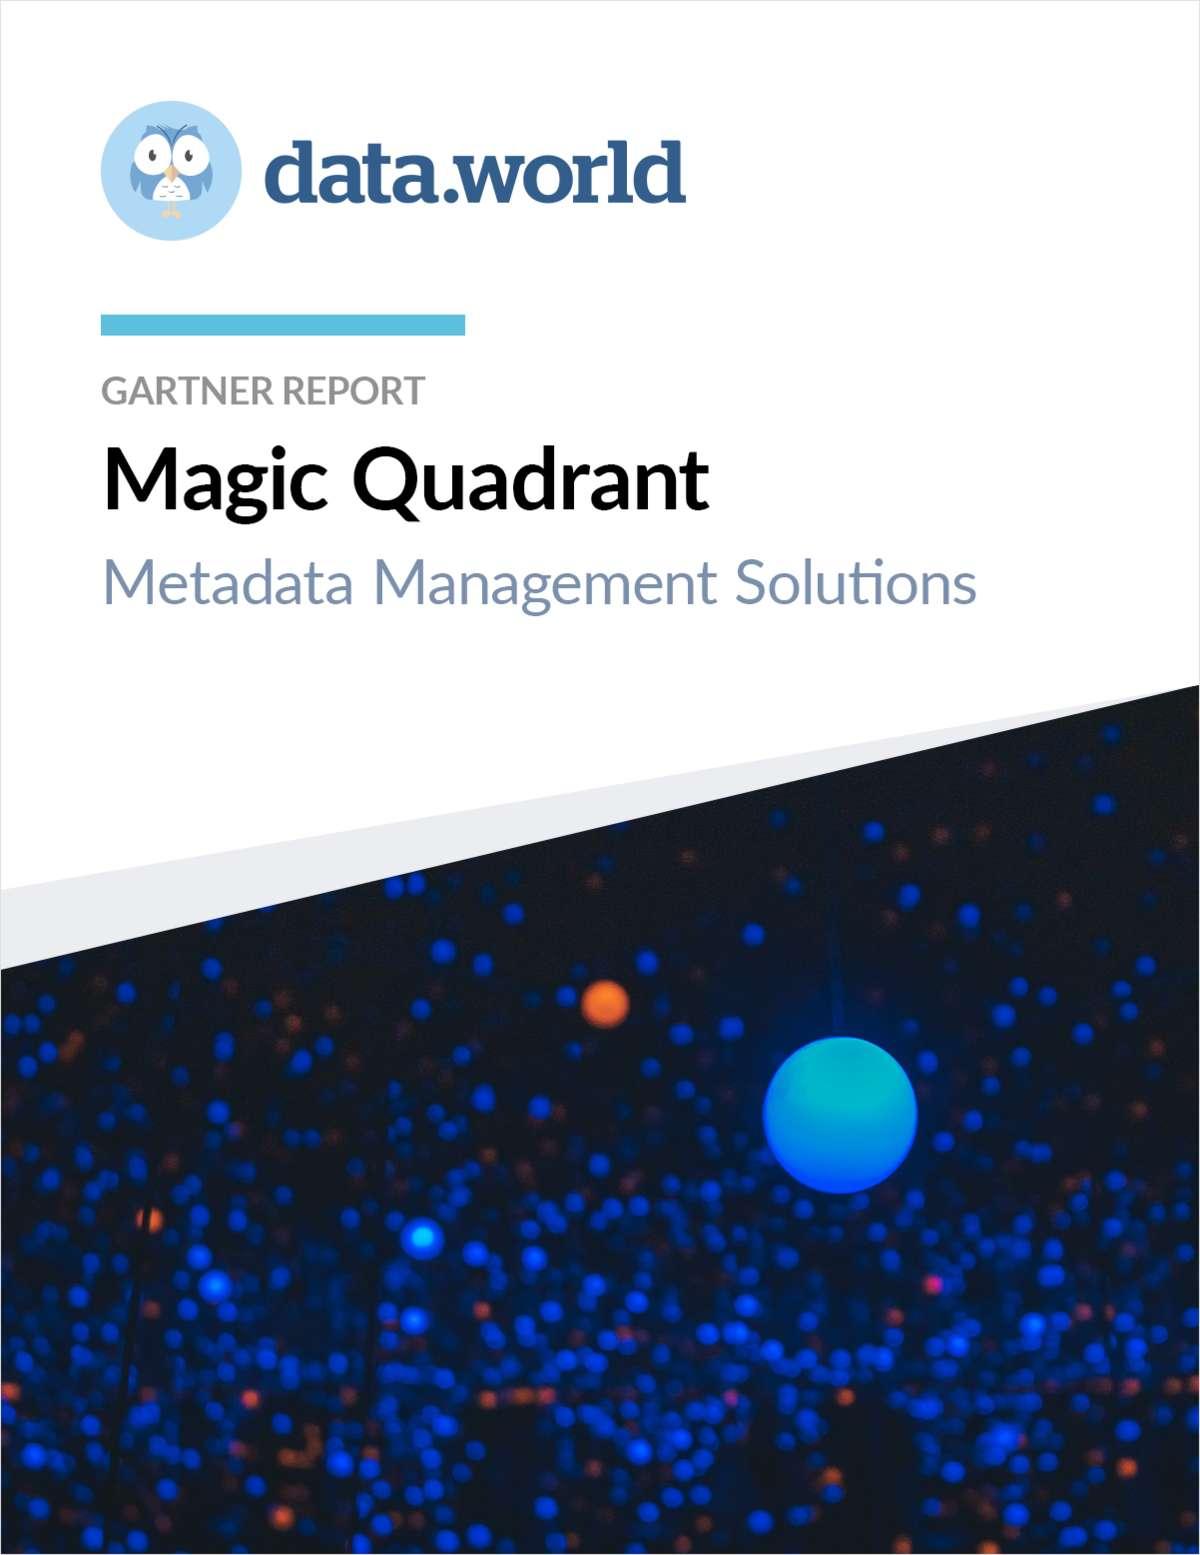 Gartner Report: Magic Quadrant for Metadata Management Solutions